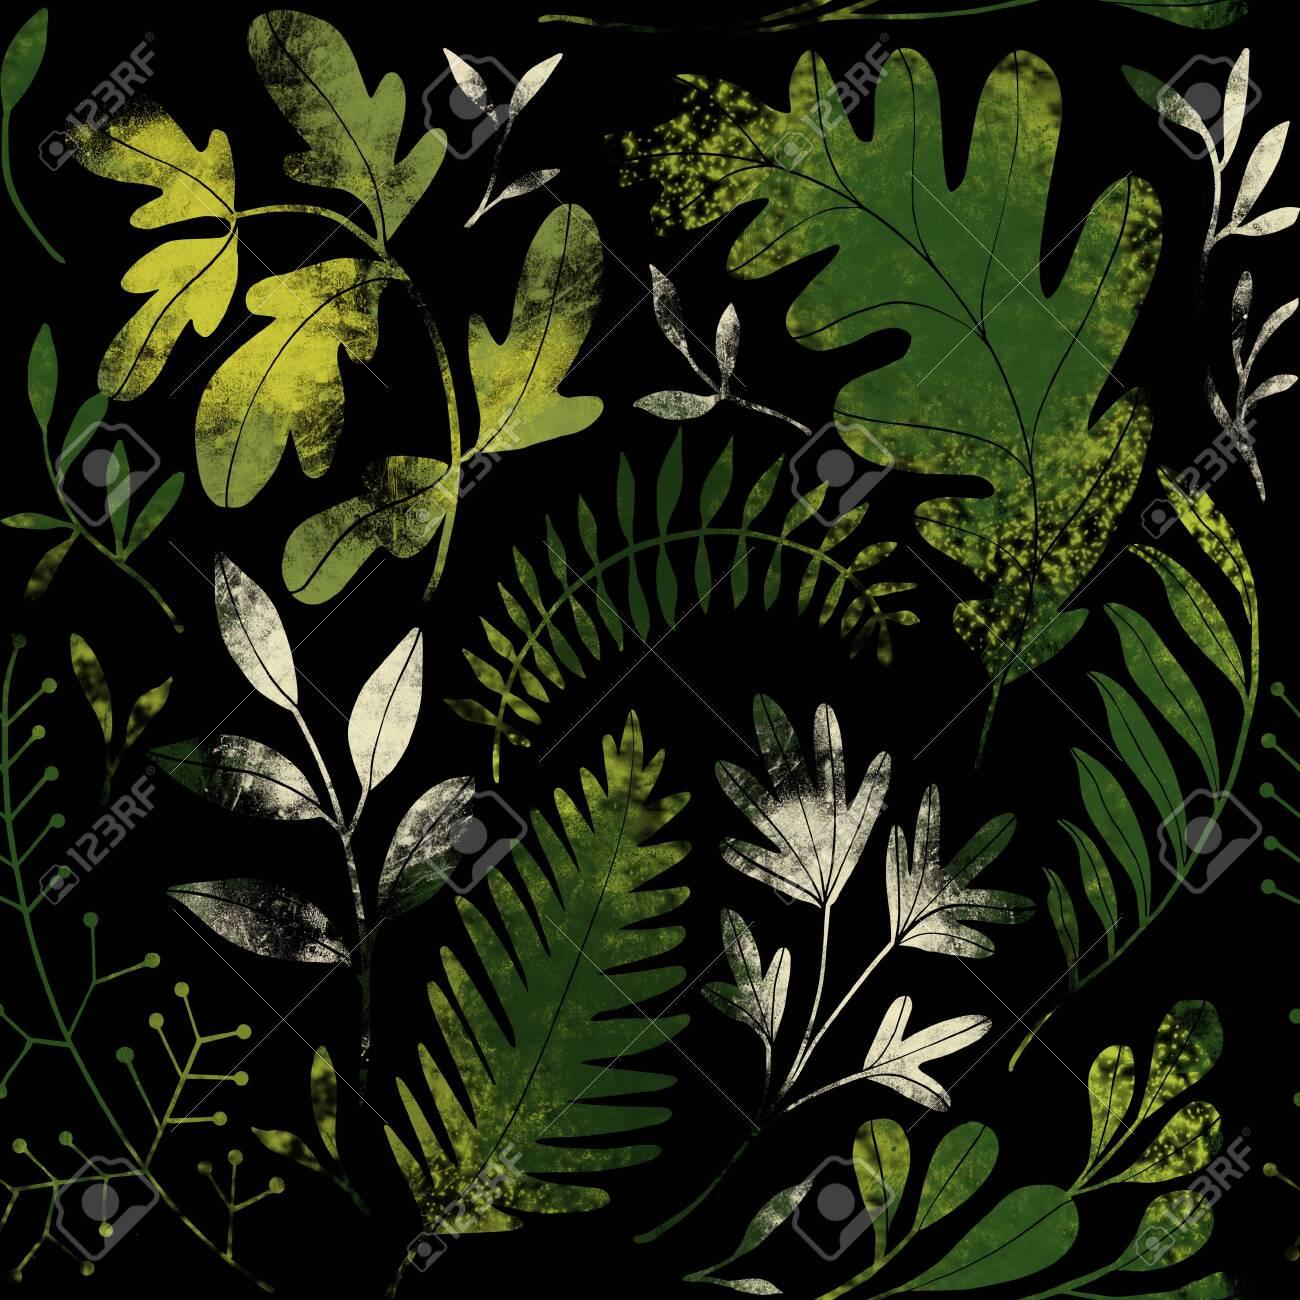 Green plants pattern. Leaves, brunshes and plants. Fullsize raster artwork - 132391882